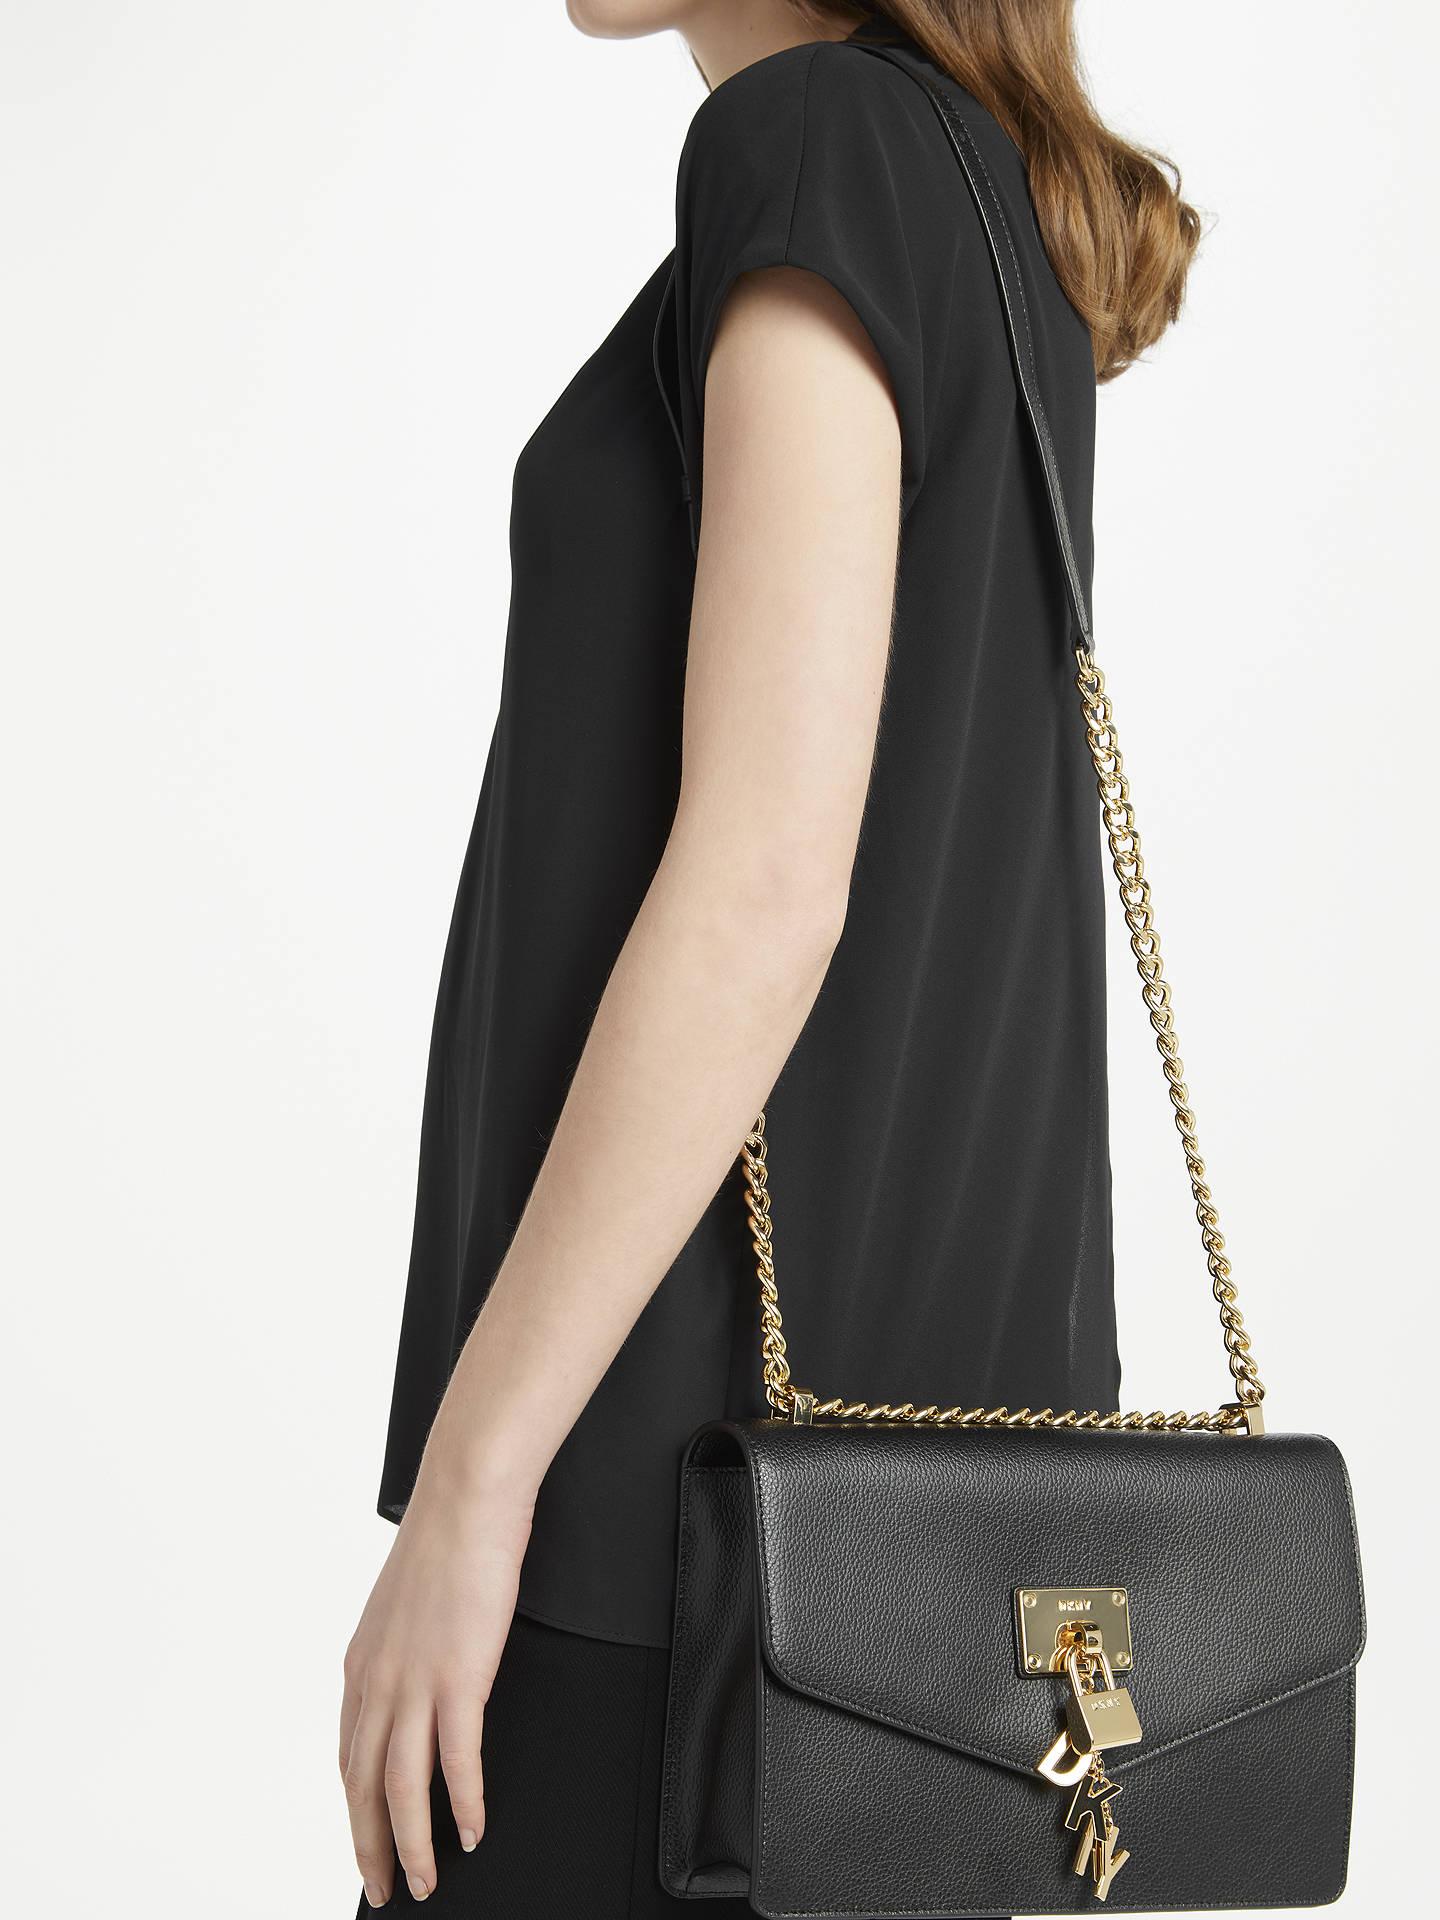 ecc0e6493 ... Buy DKNY Elissa Charm Detail Leather Shoulder Bag, Black Online at  johnlewis.com